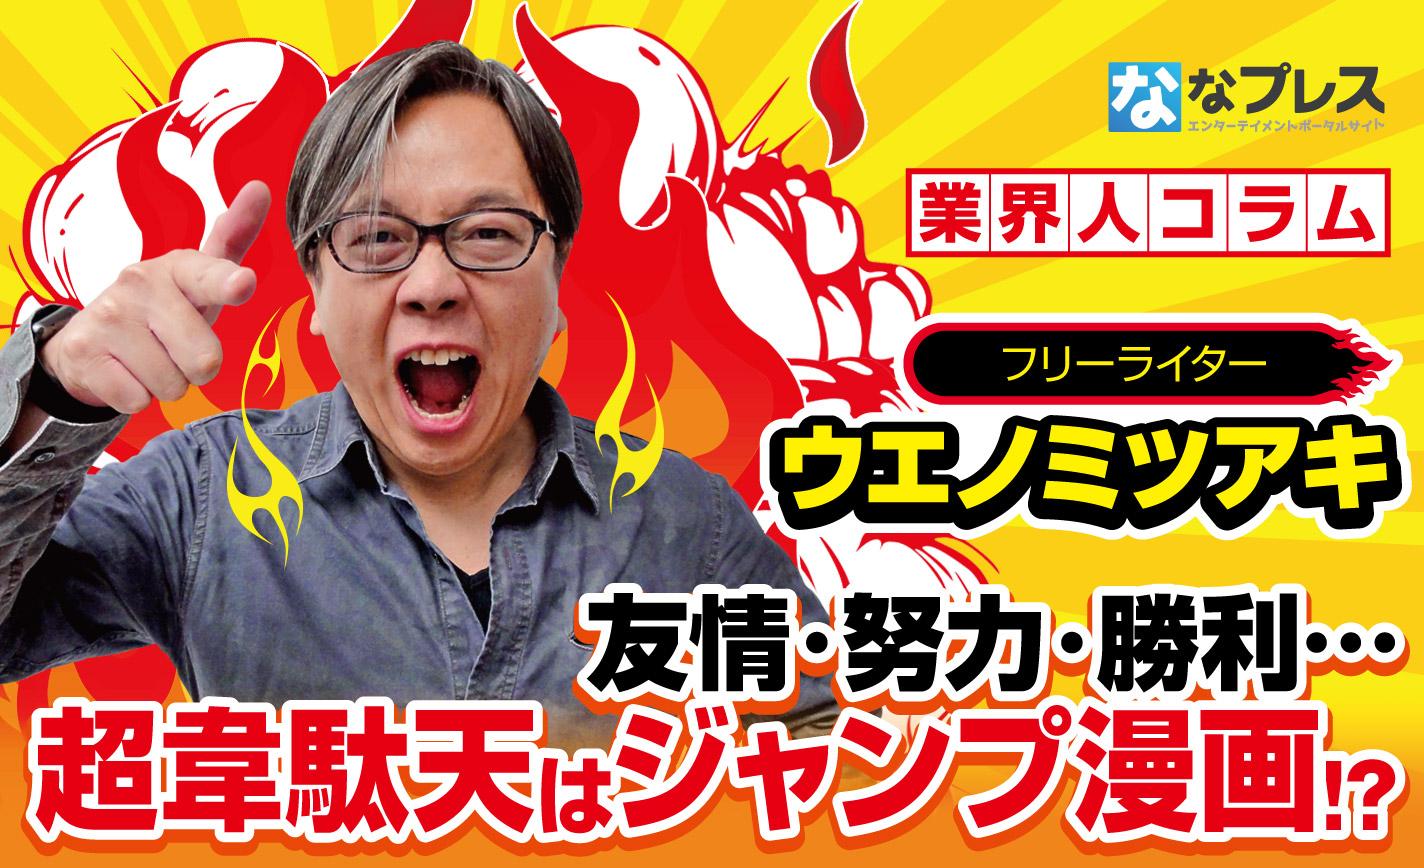 「源さん超韋駄天」の魅力はスピードだけじゃなく「週刊少年ジャンプ感」!? eyecatch-image